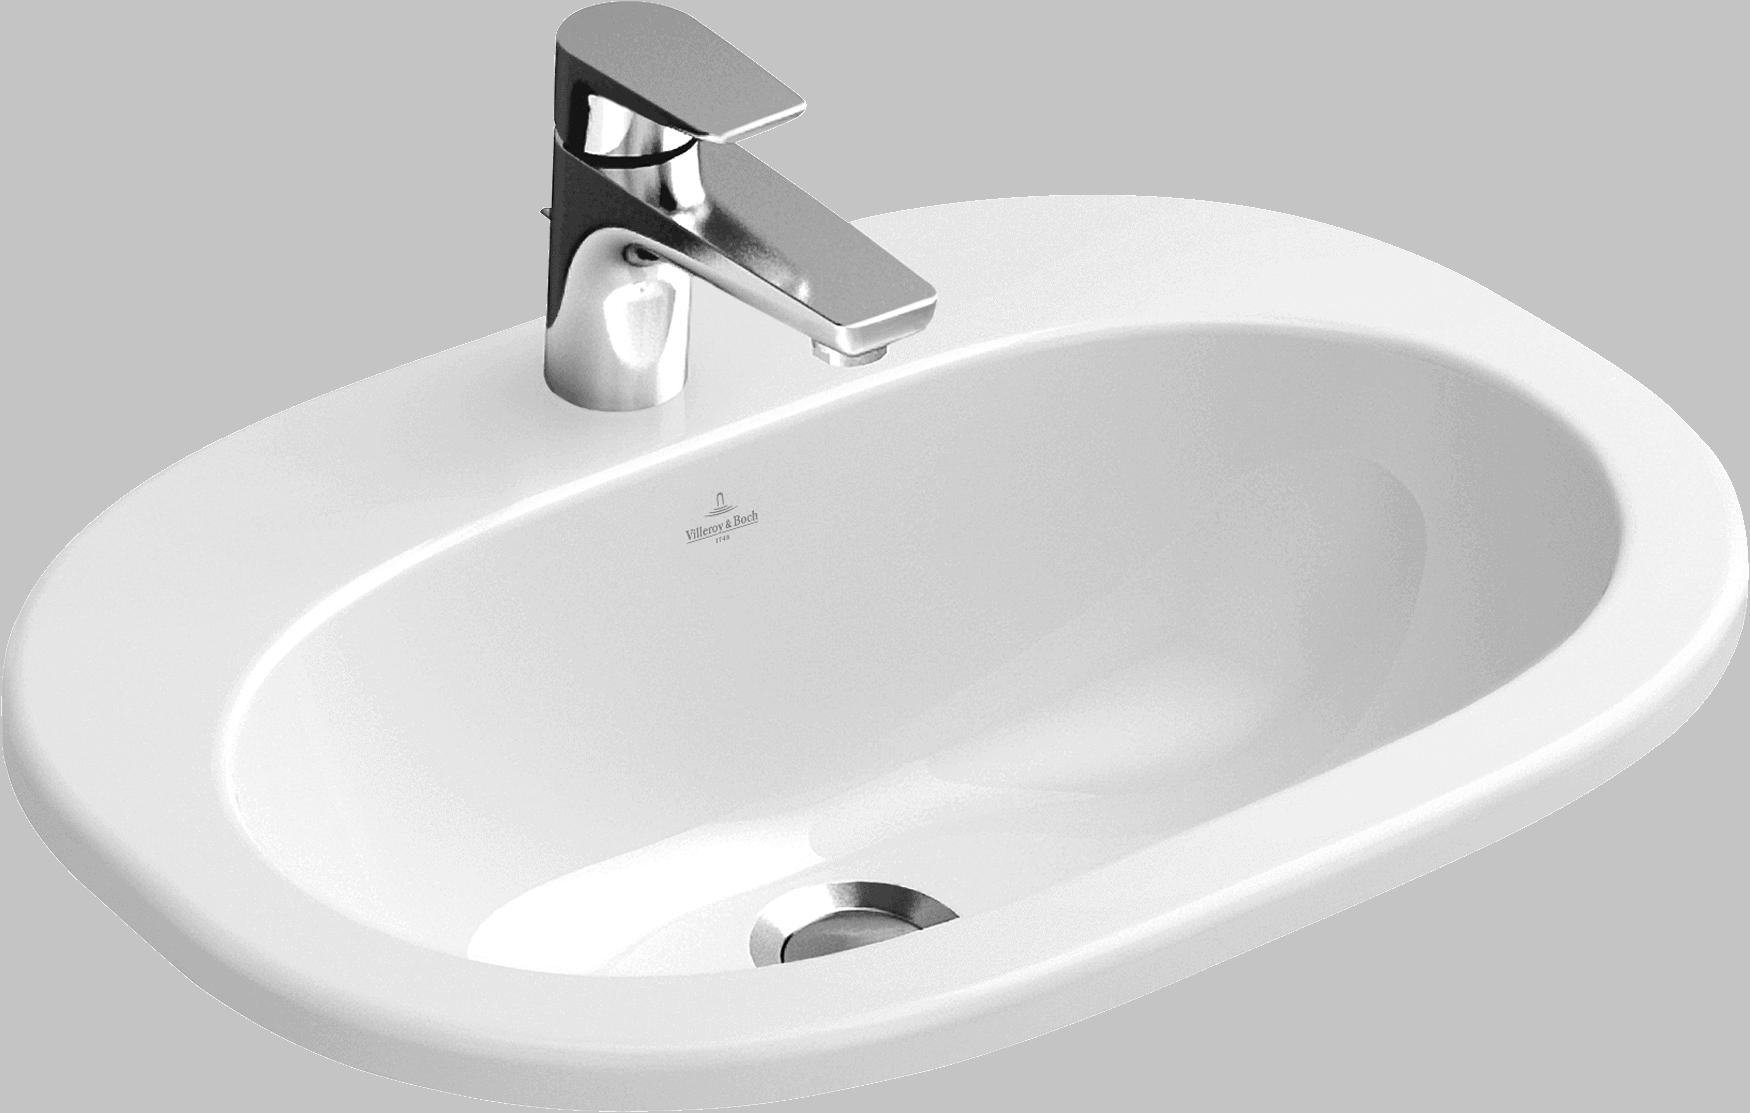 Umywalka nablatowa owalna Villeroy&Boch O.Novo 40,5x56cm 416157R1